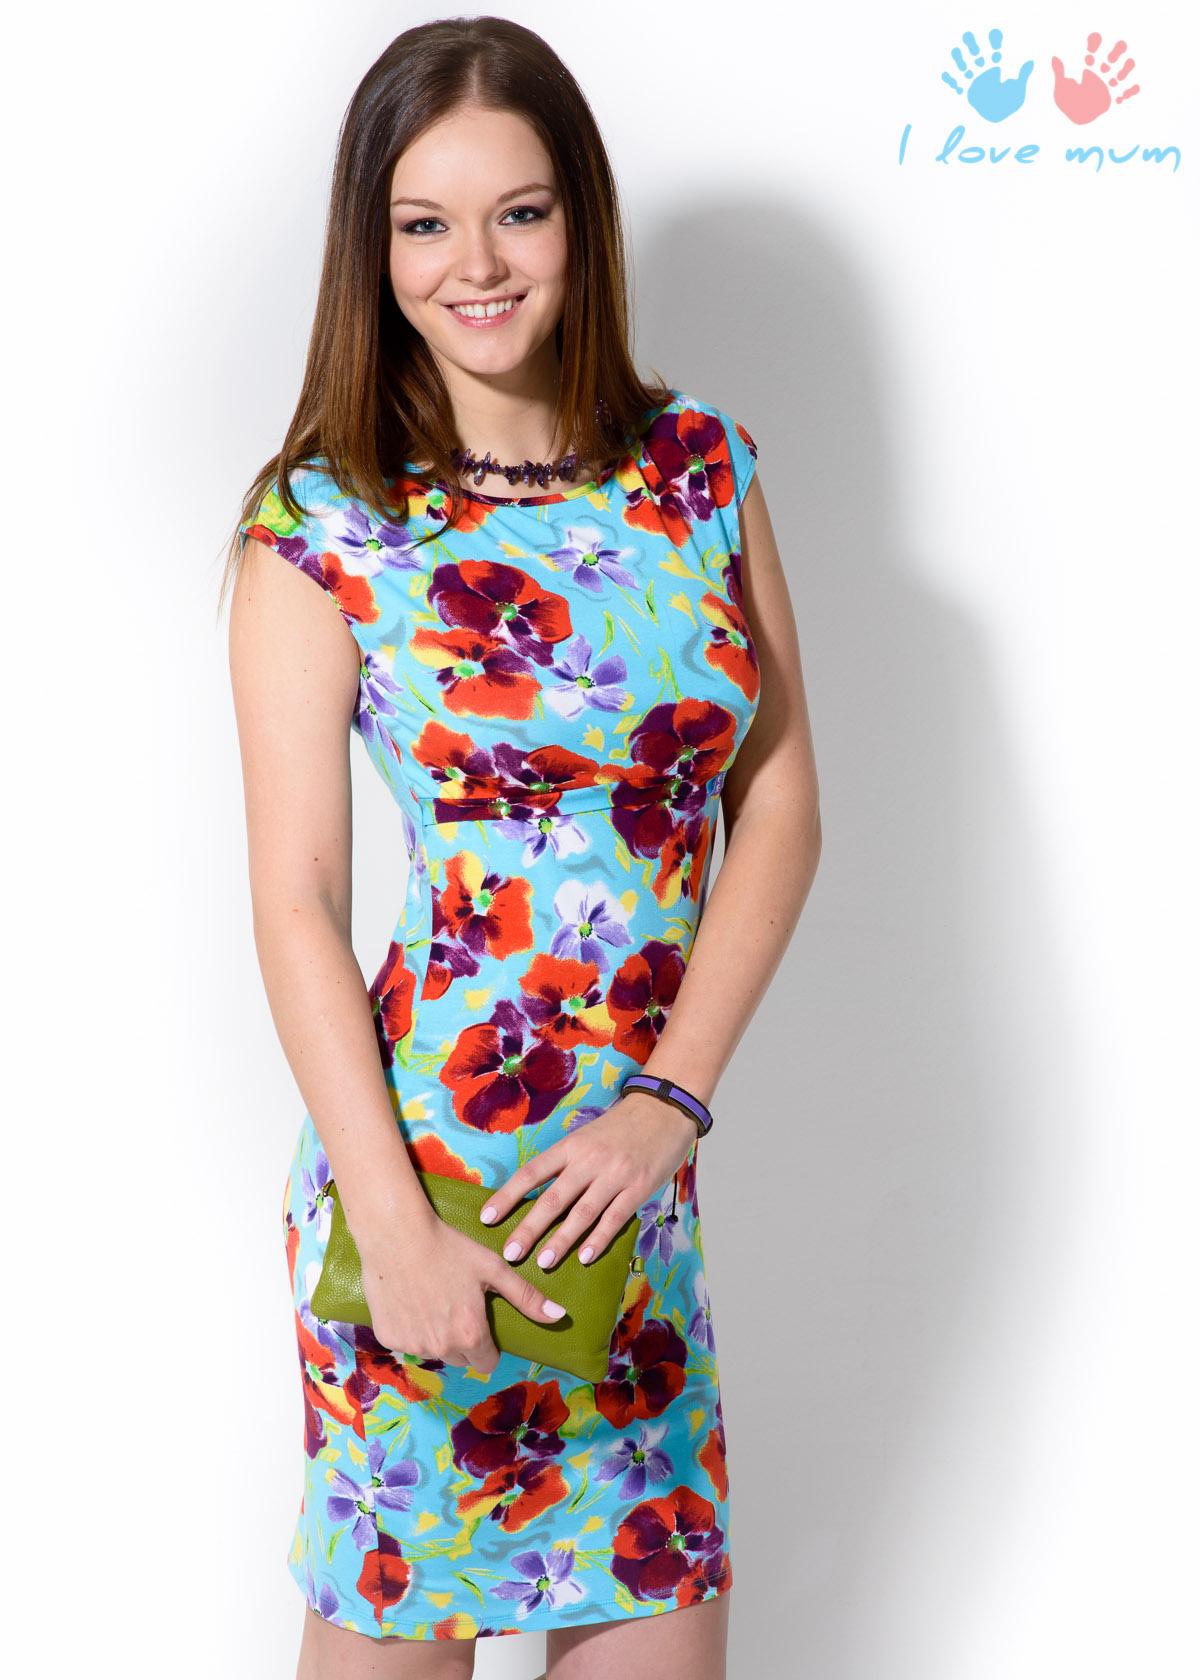 Элегантное и нарядное летнее платье не оставит равнодушной ни одну кормящую  маму. Яркий цветочный принт прекрасно маскирует